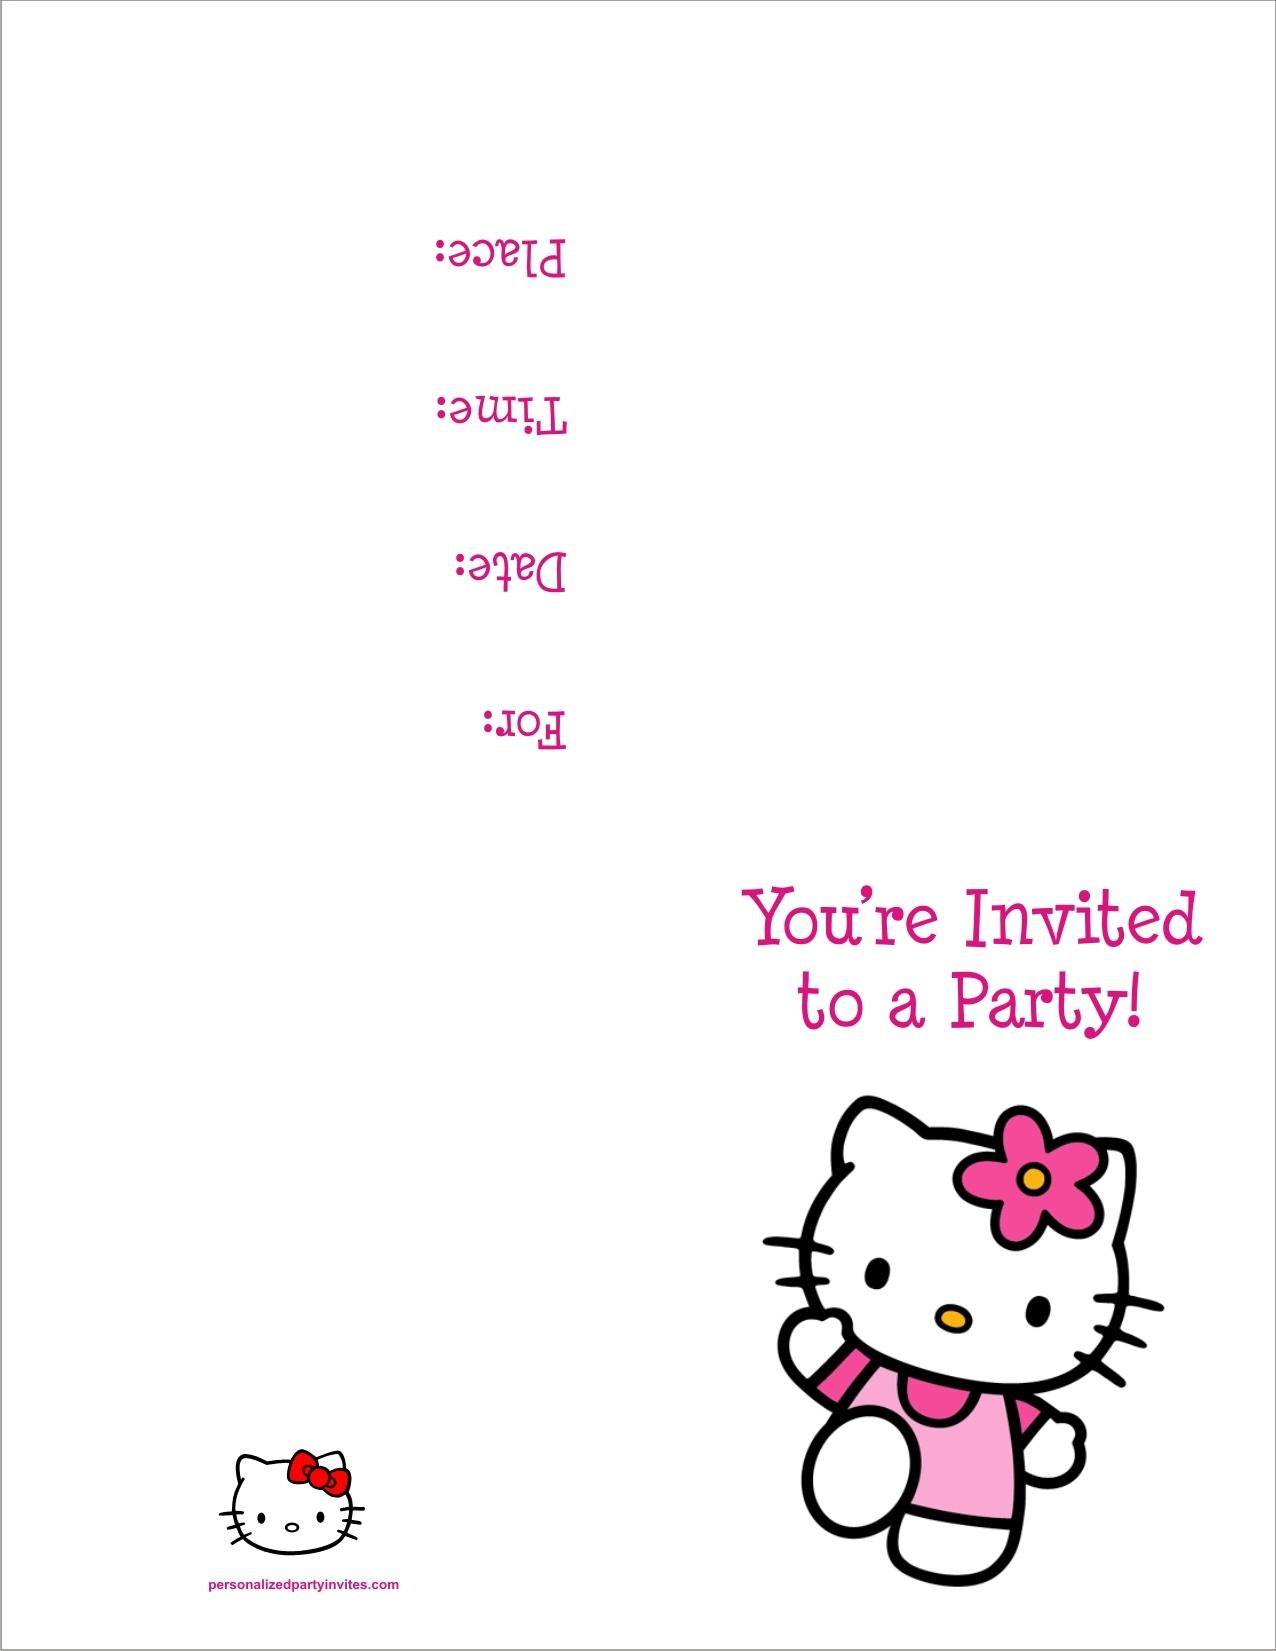 Hello Kitty Free Printable Birthday Party Invitation Personalized - Hello Kitty Free Printable Invitations For Birthday